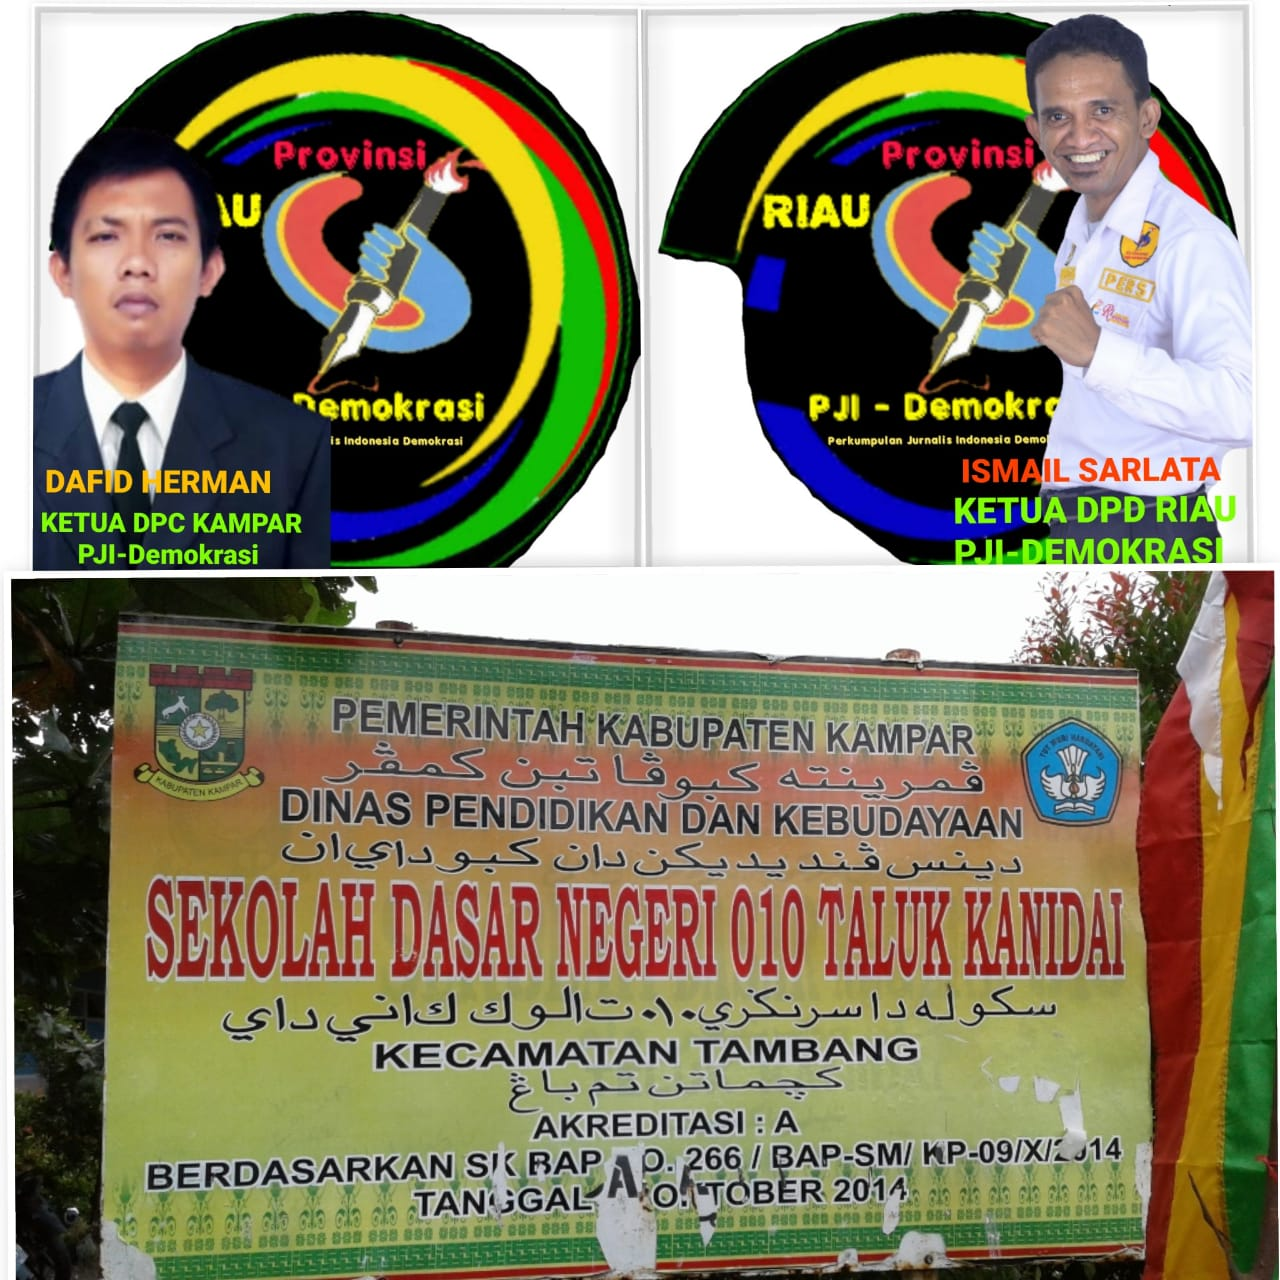 Dugaan Praktek Pungli, PJI-Demokrasi minta Kadisdik Non-Aktifkan Hanafi,S.Pd dari Kepala Sekolah